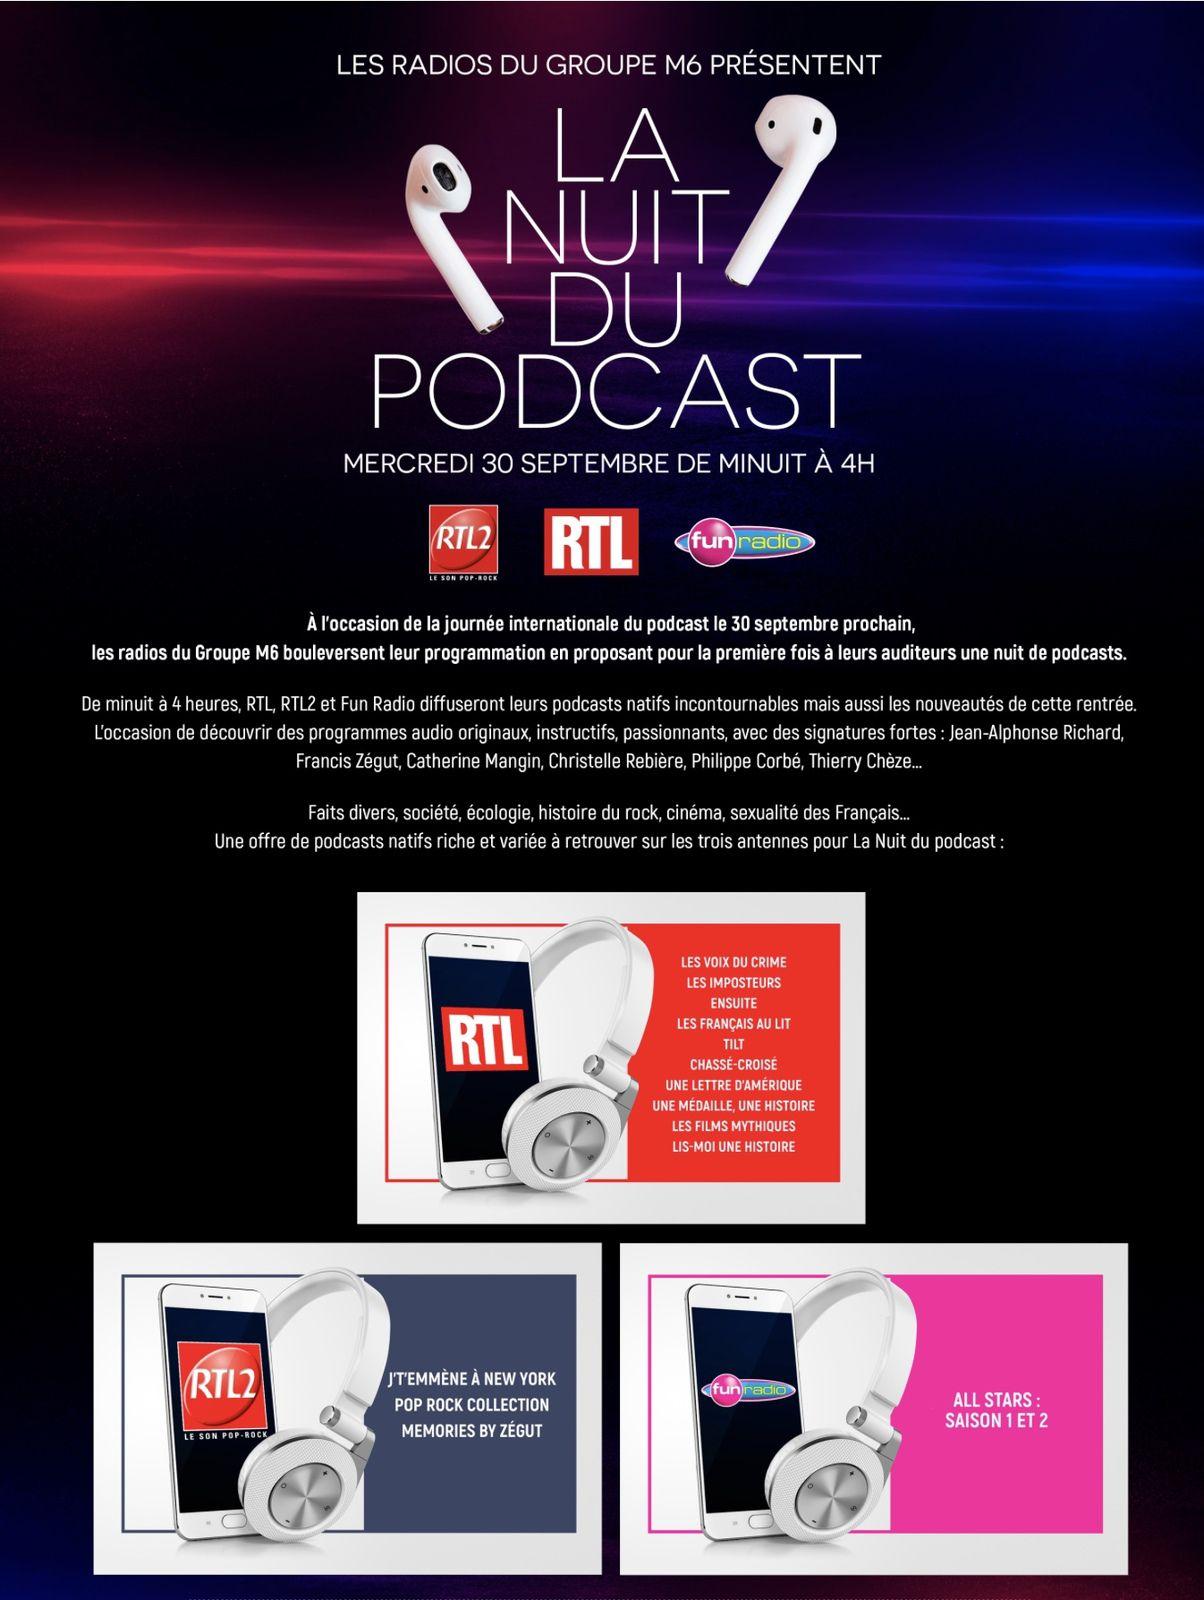 La nuit du Podcast des radios du groupe M6.